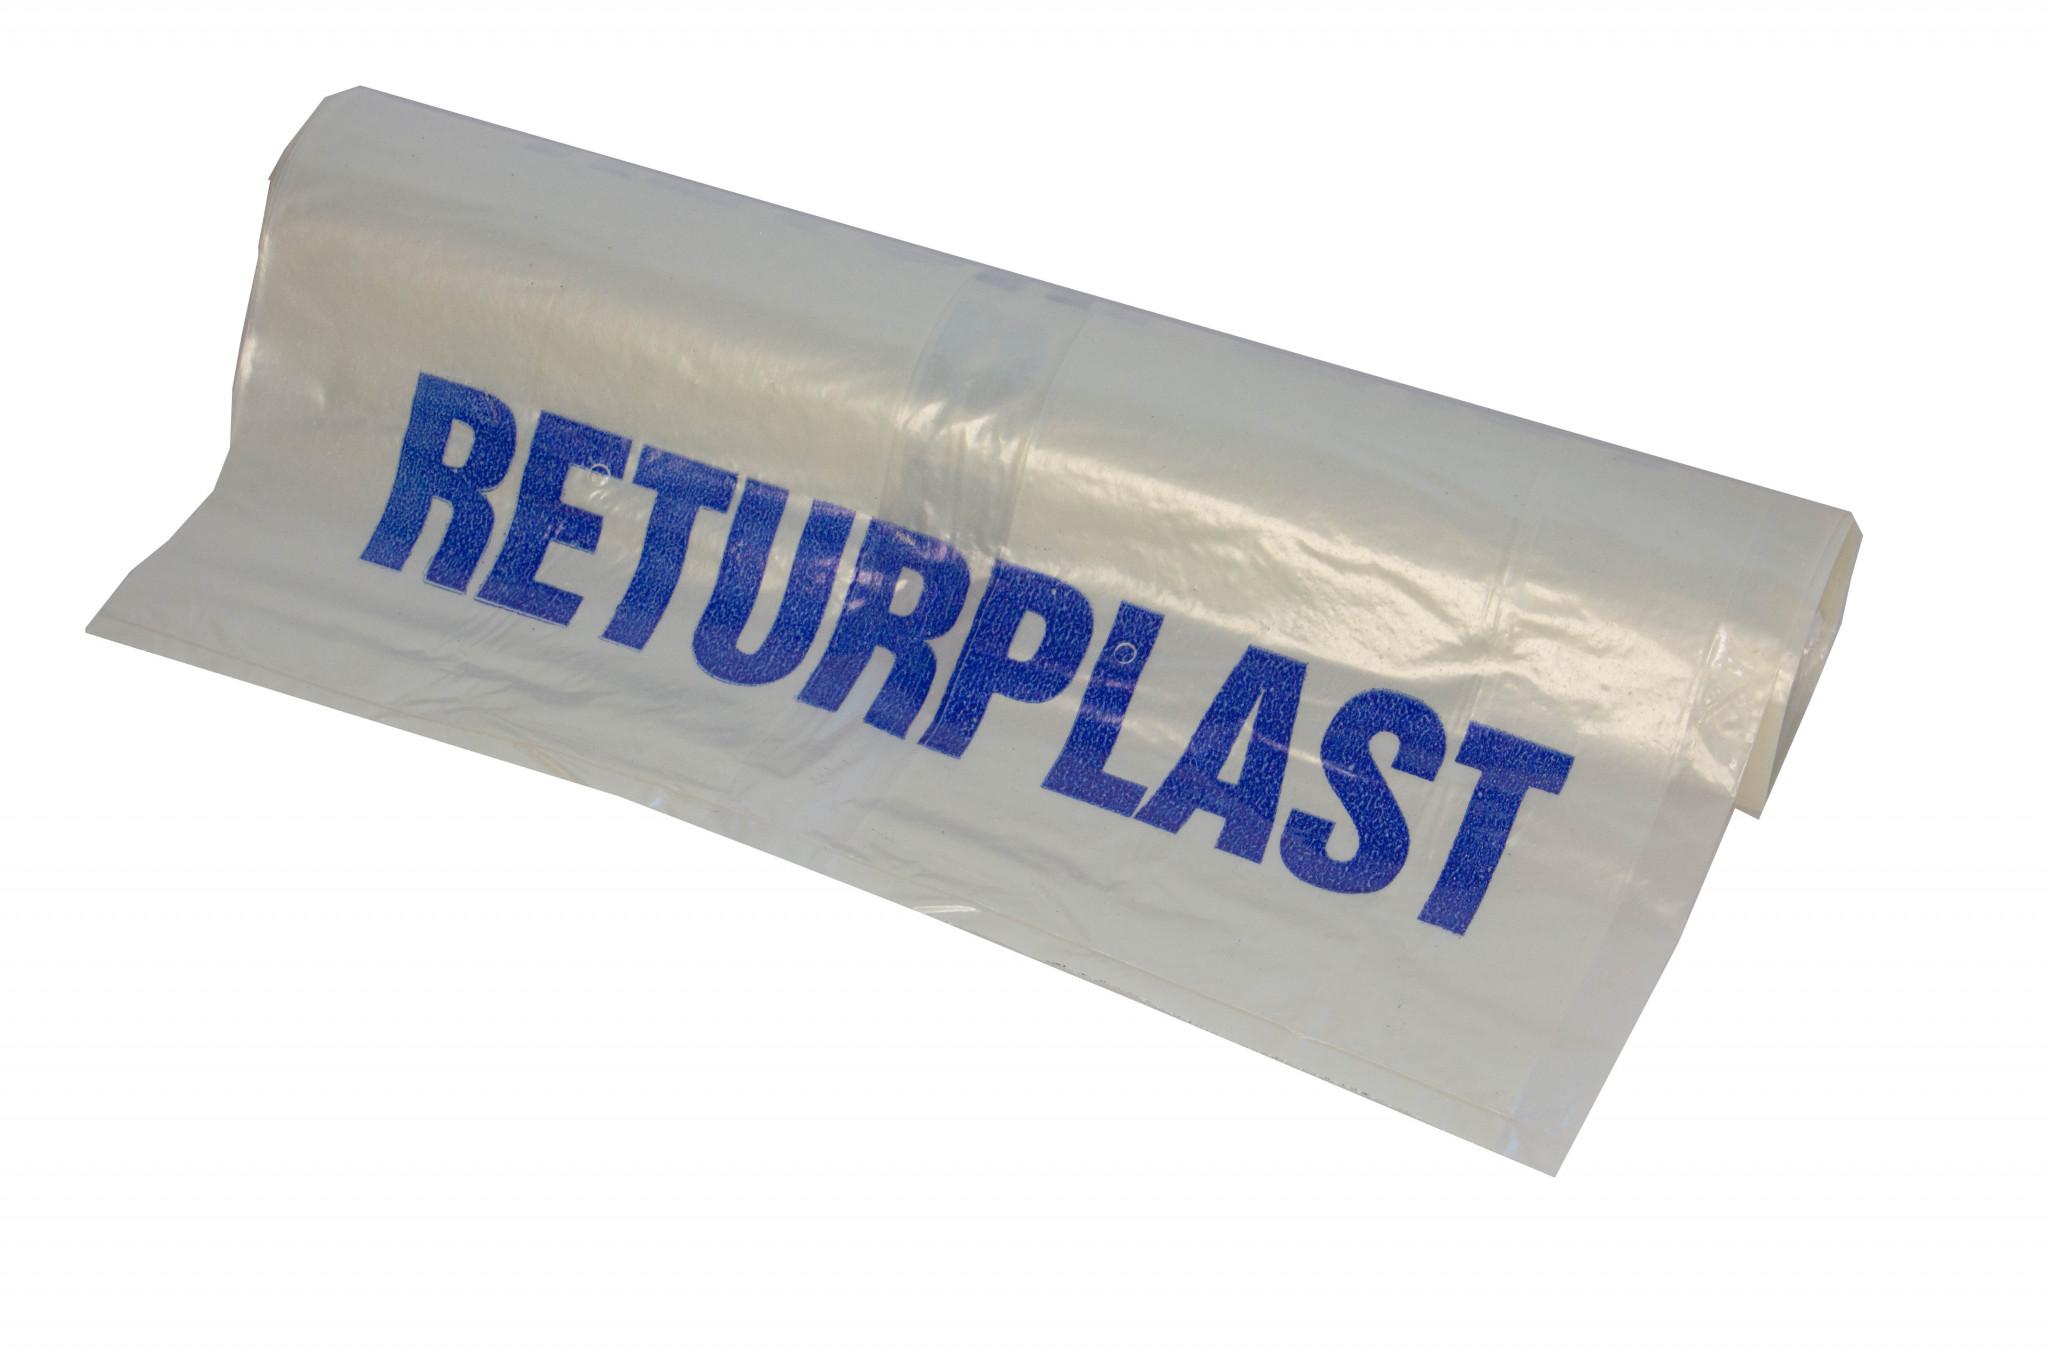 säck för reurplast